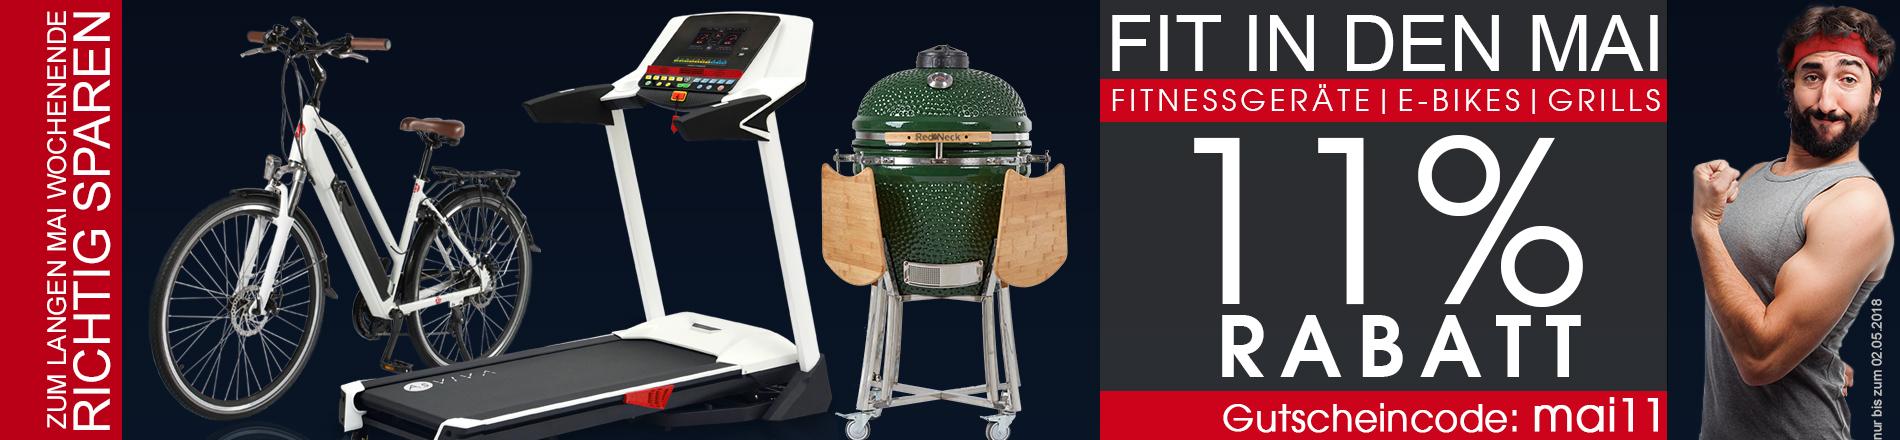 11% Rabatt-Gutscheincode für Fitnessgeräte, E-Bikes und Keramikgrills